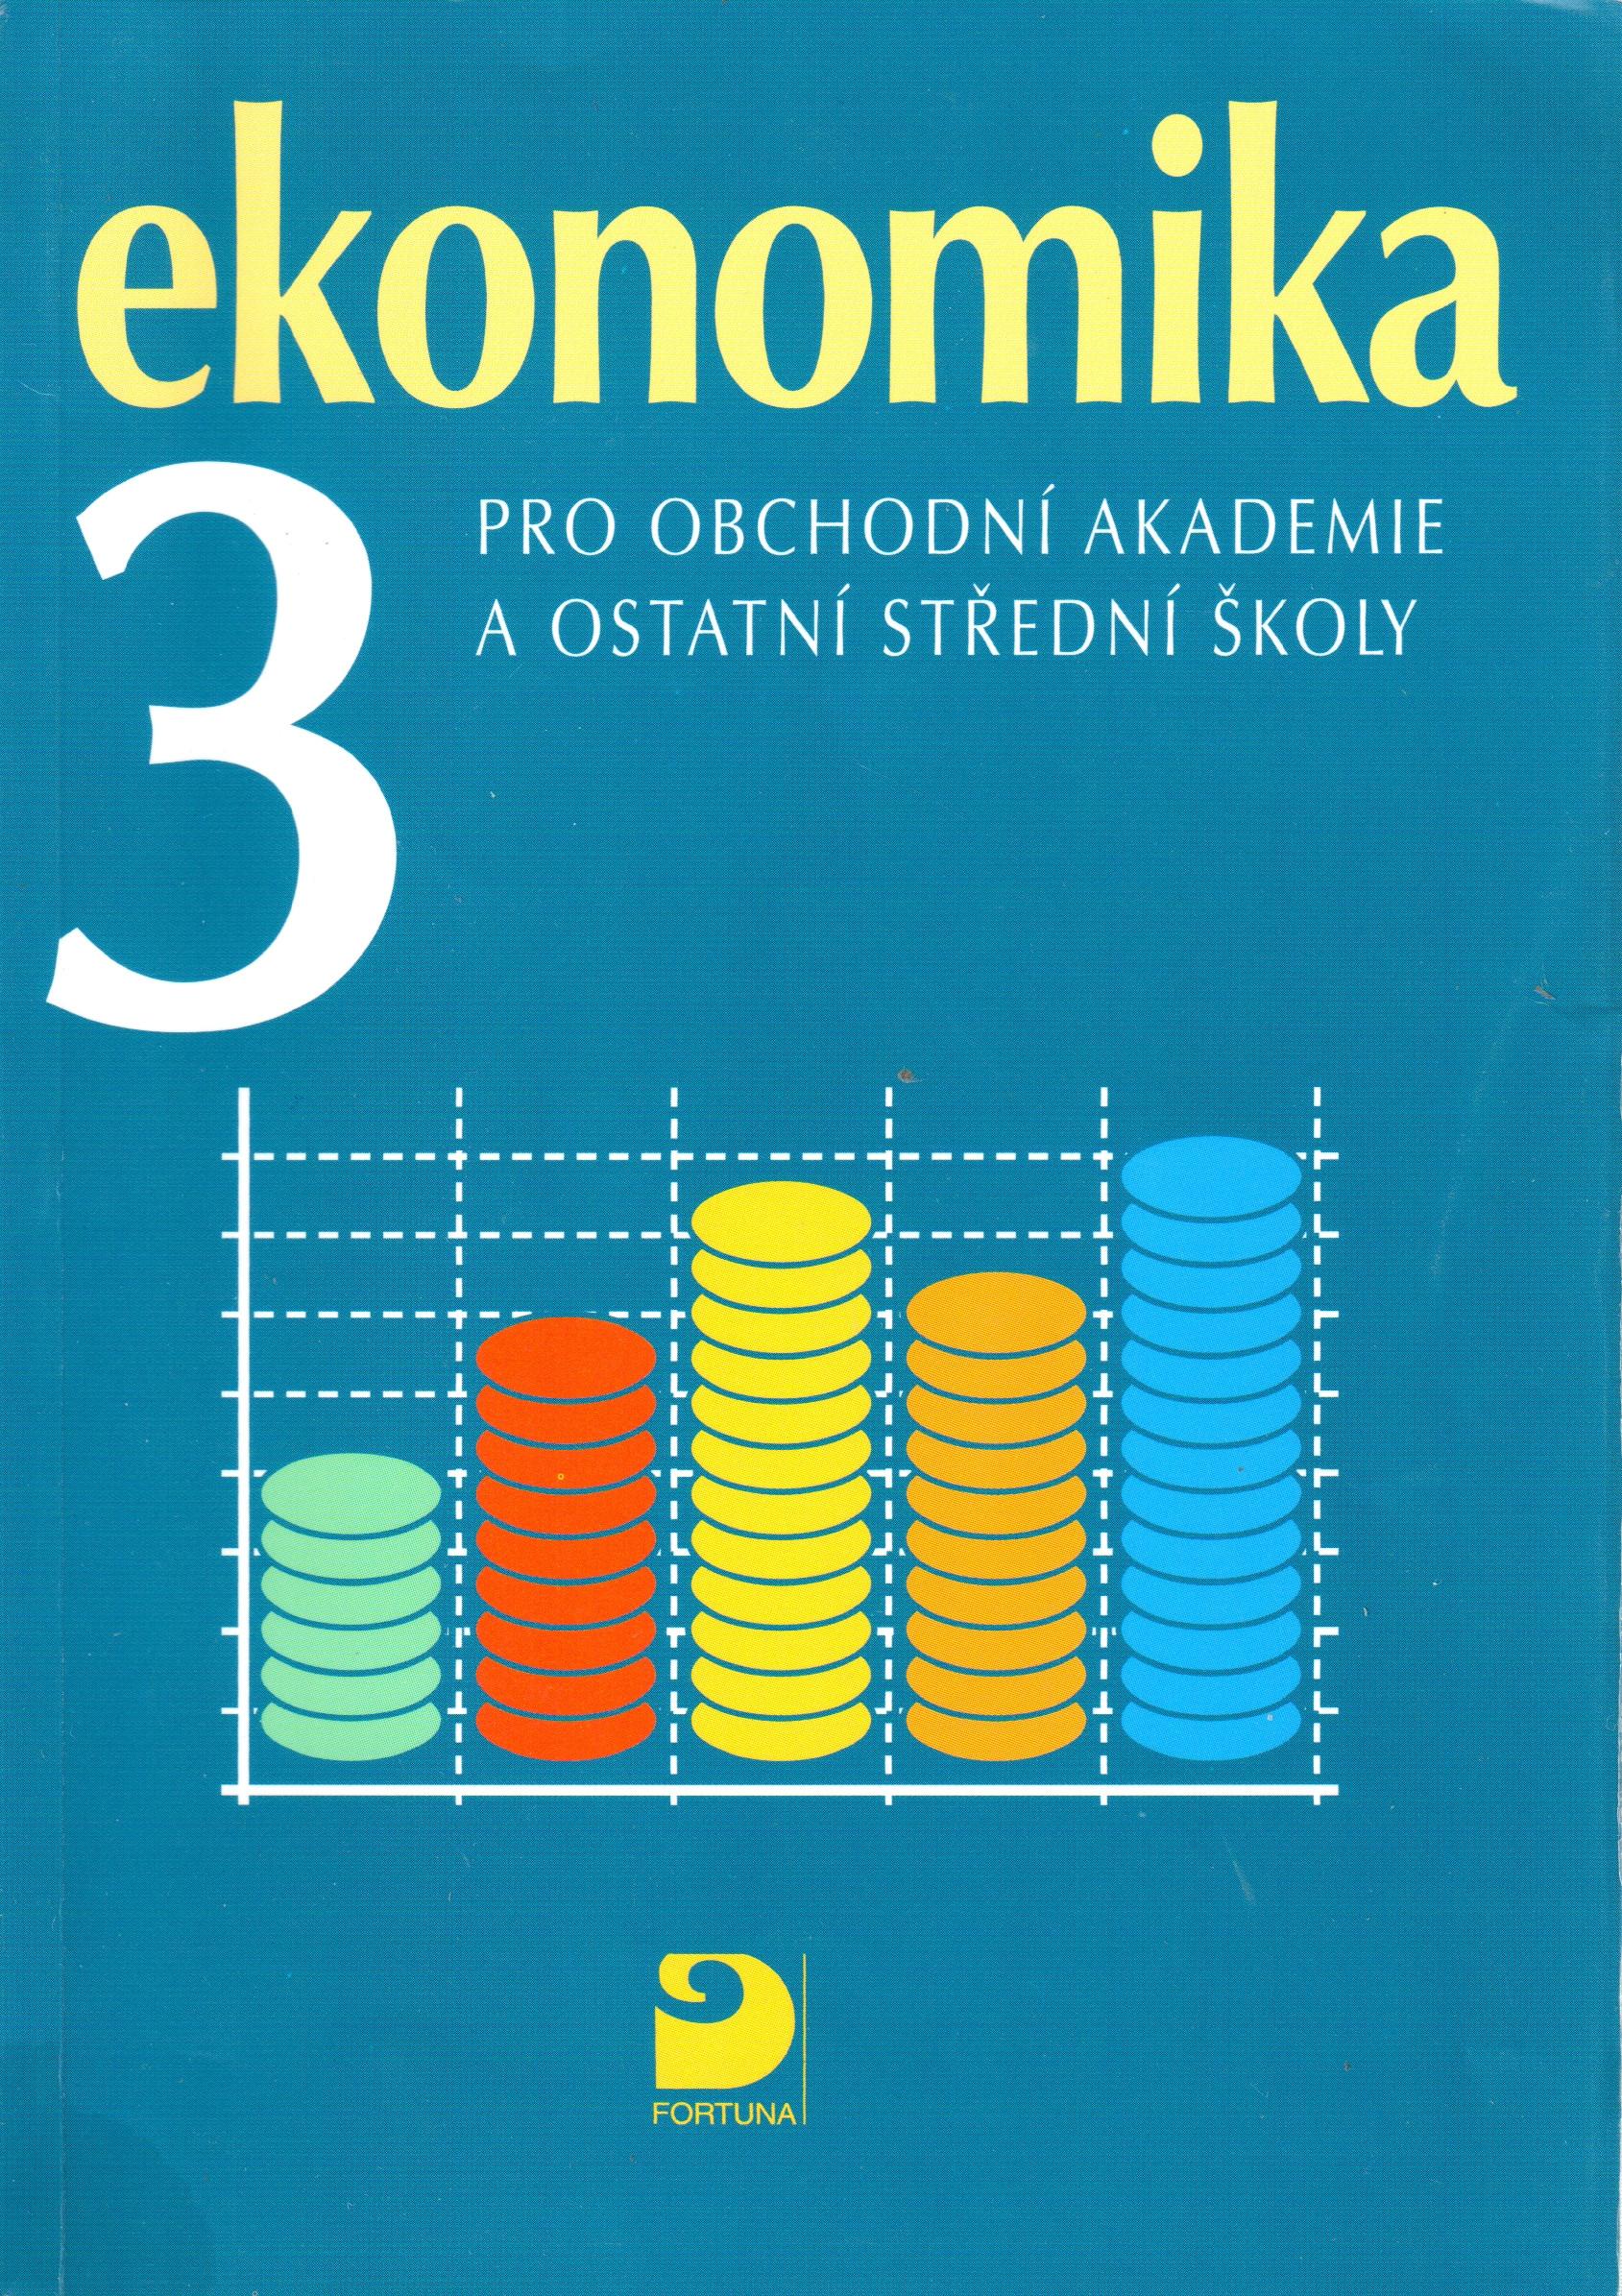 Ekonomika 3 pro obchodní akademie a ostatní střední školy - Náhled učebnice